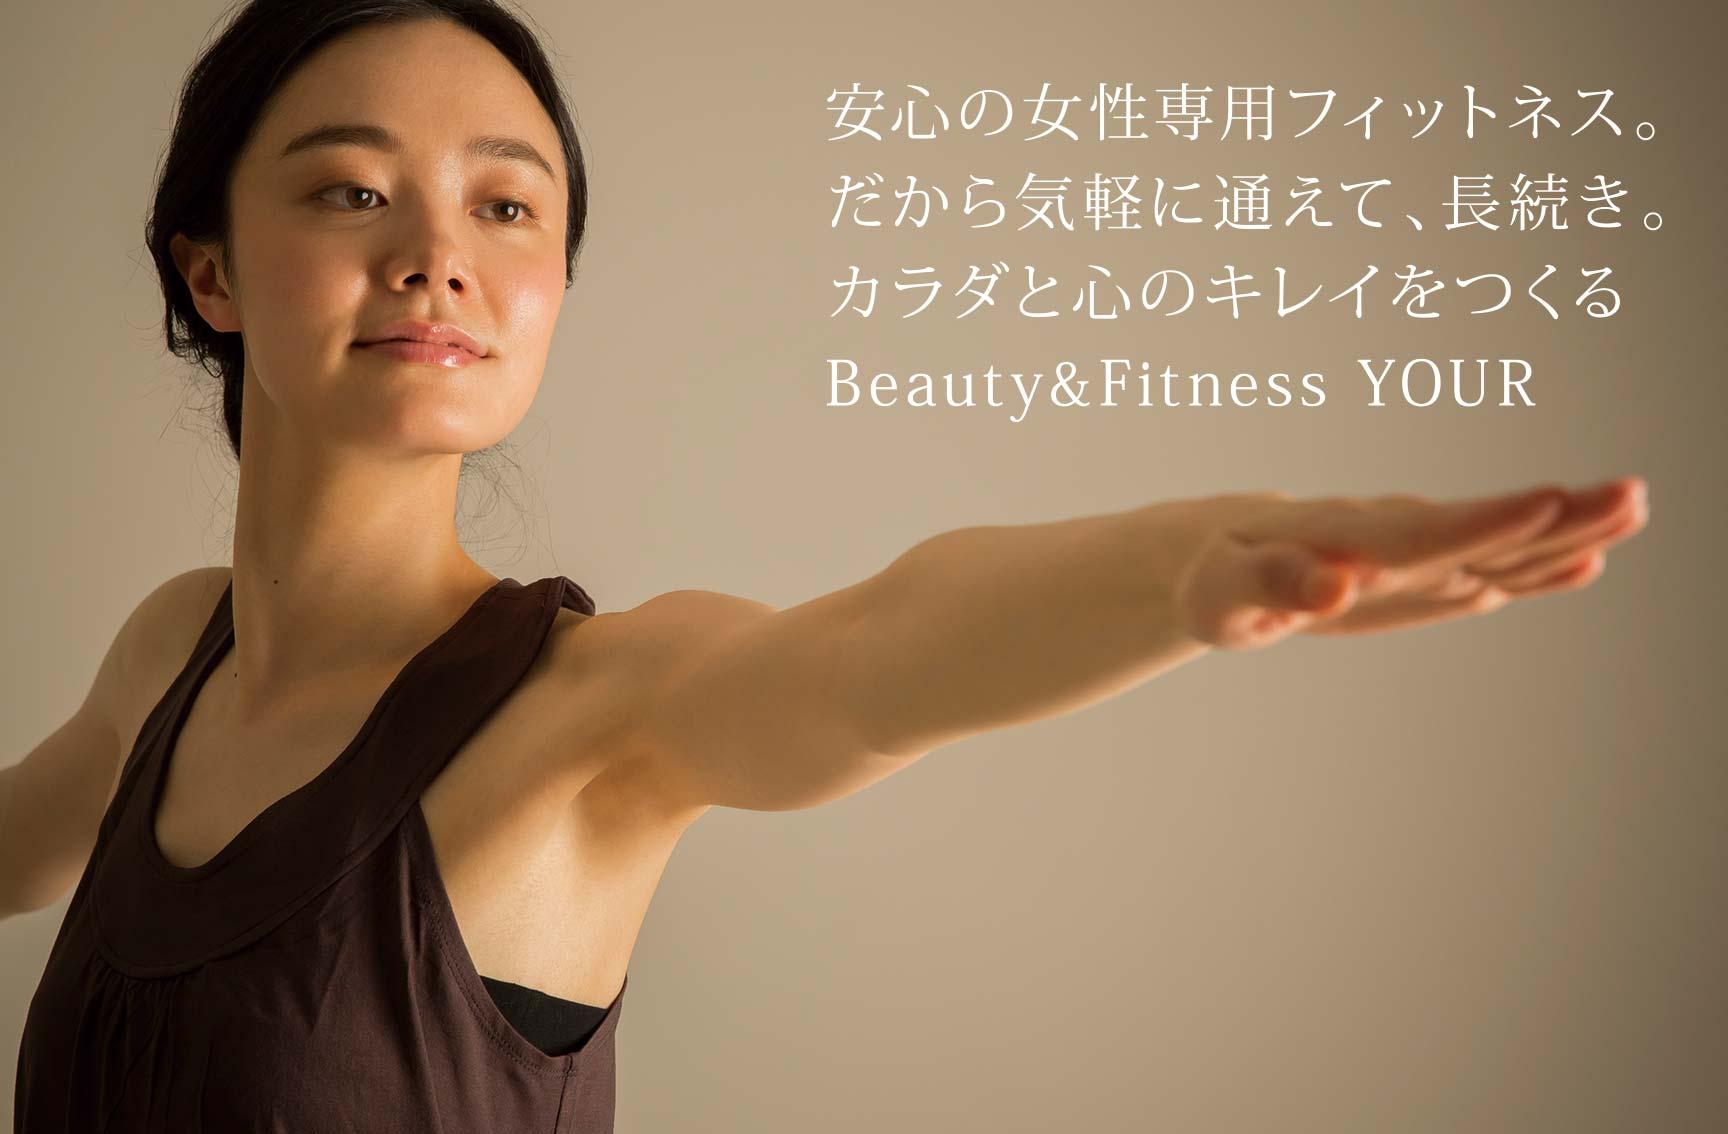 安心の女性専用フィットネス。気軽に通えて、長続き。カラダと心のキレイをつくるBeauty&Fitness YOUR